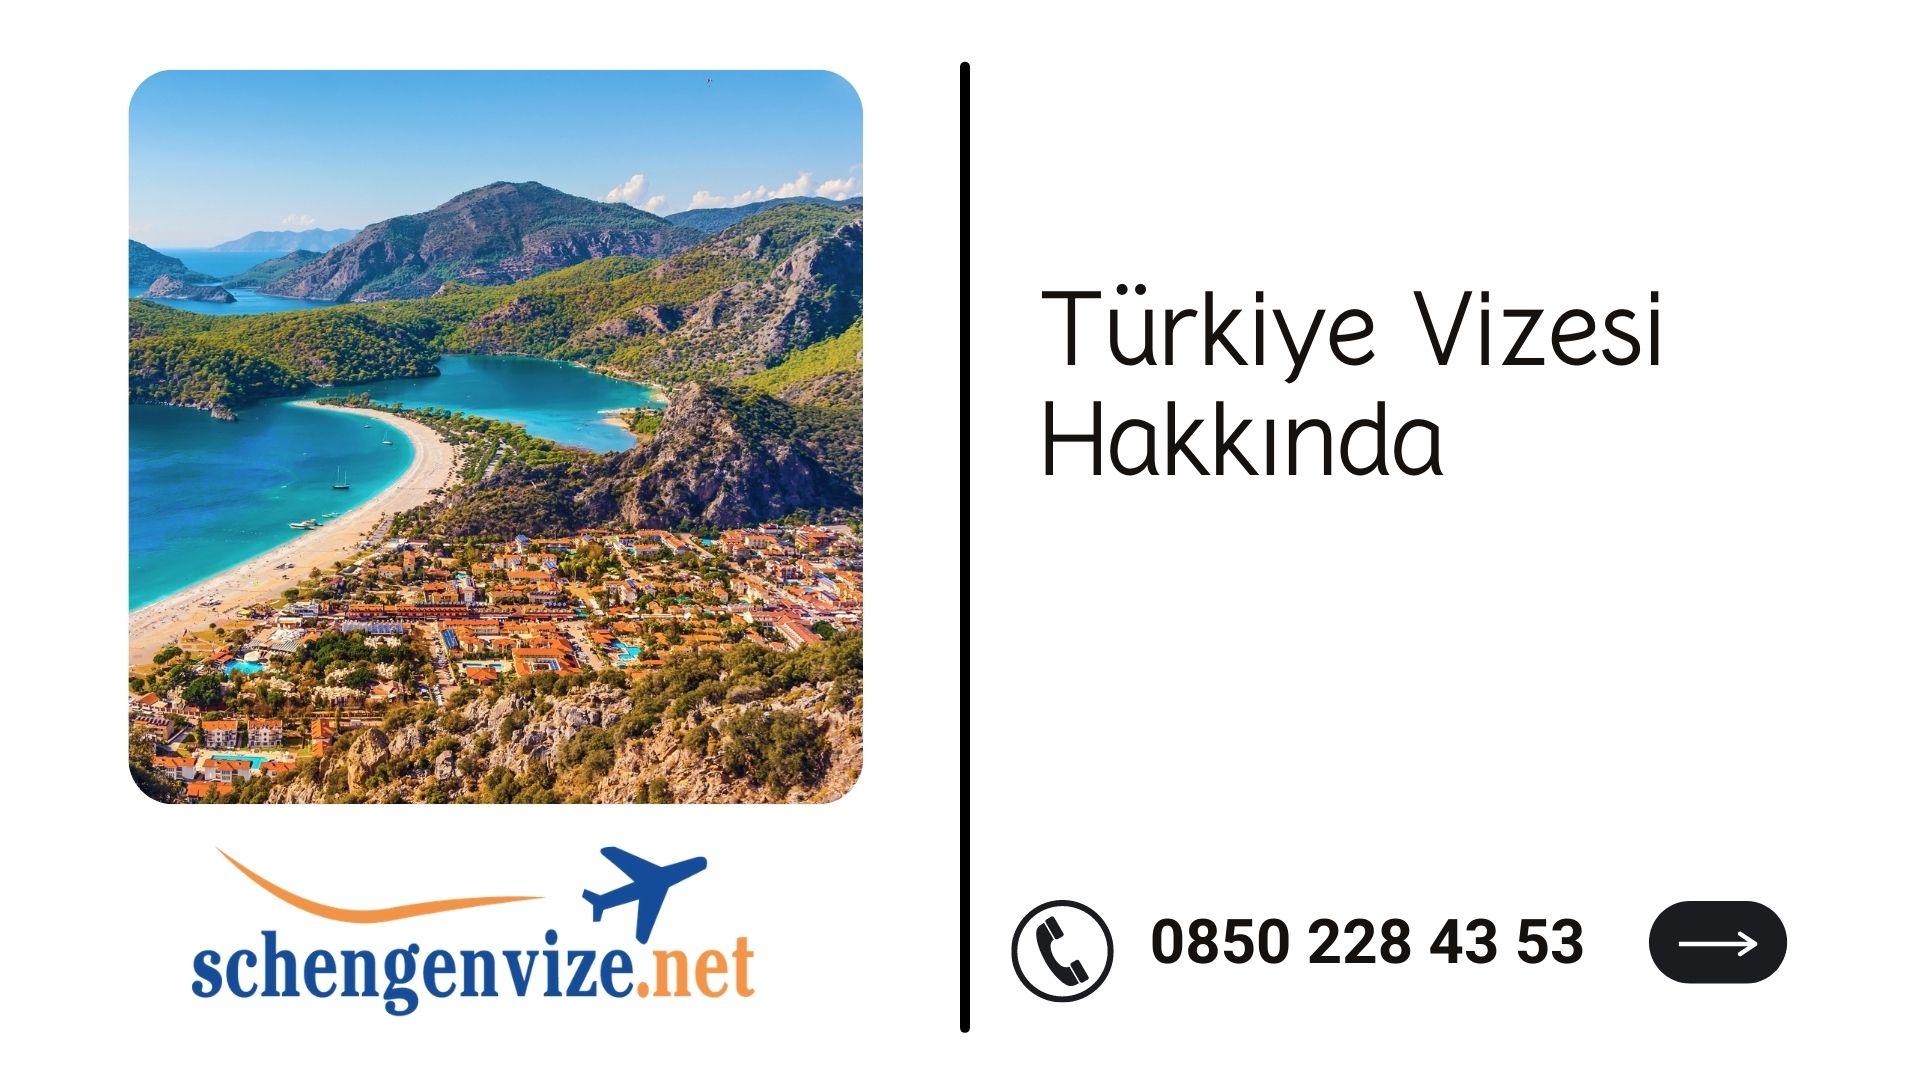 Türkiye Vizesi Hakkında